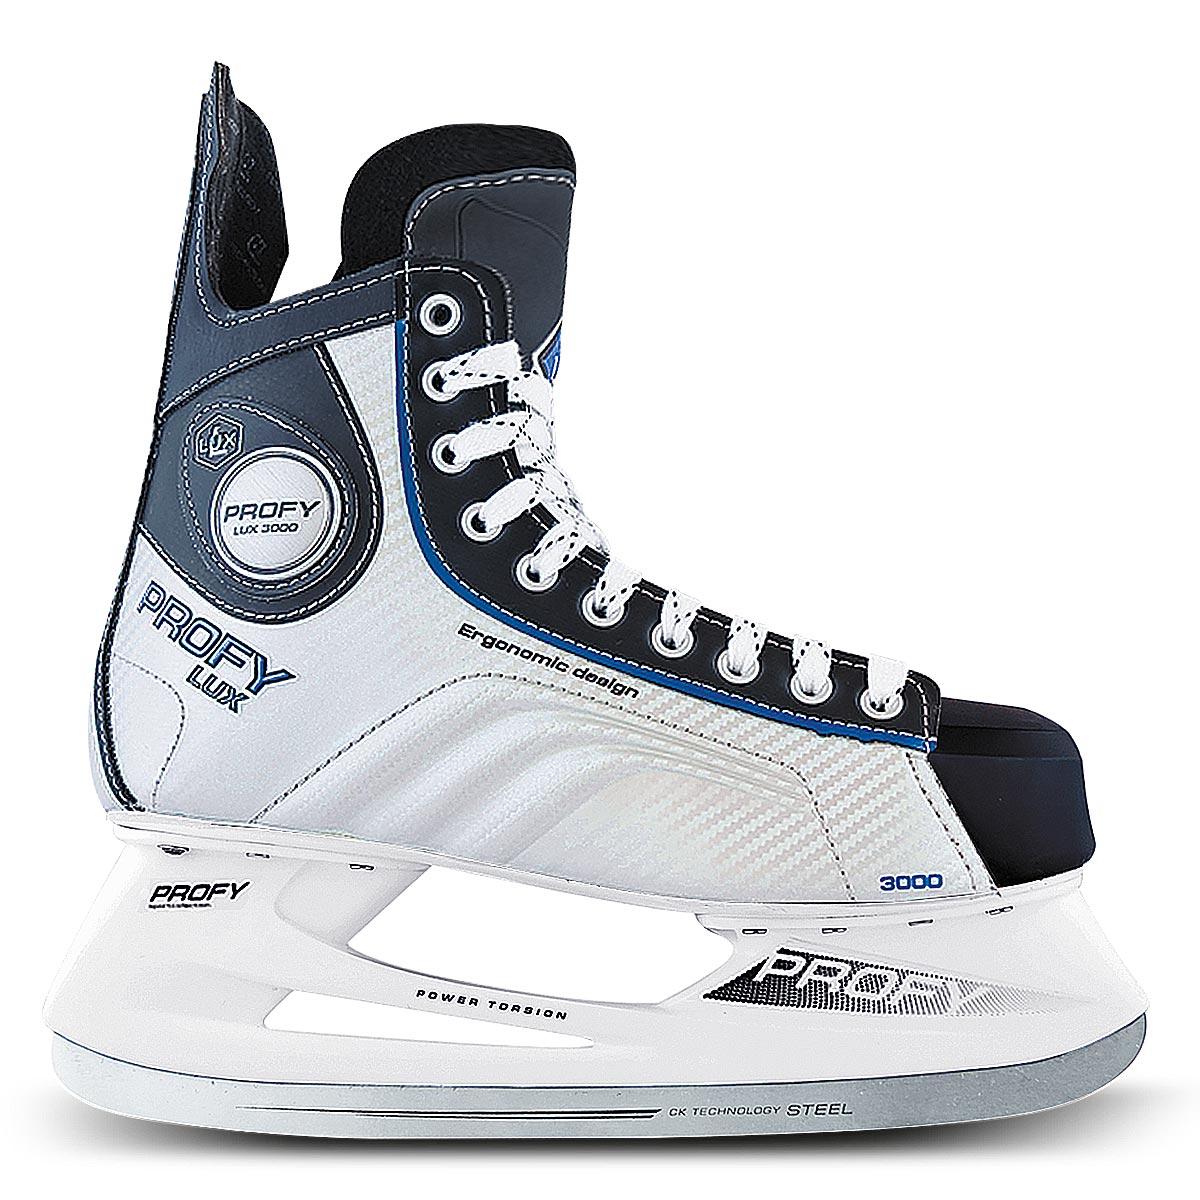 Коньки хоккейные мужские СК Profy Lux 3000, цвет: черный, серебряный, синий. Размер 42PROFY LUX 3000 Blue_42Коньки хоккейные мужские СК Profy Lux 3000 прекрасно подойдут для профессиональных игроков в хоккей. Ботинок выполнен из морозоустойчивой искусственной кожи и специального резистентного ПВХ, а язычок - из двухслойного войлока и искусственной кожи. Слоевая композитная технология позволила изготовить ботинок, полностью обволакивающий ногу. Это обеспечивает прочную и удобную фиксацию ноги, повышает защиту от ударов. Ботинок изготовлен с учетом антропометрии стоп россиян, что обеспечивает комфорт и устойчивость ноги, правильное распределение нагрузки, сильно снижает травмоопасность. Конструкция носка ботинка, изготовленного из ударопрочного энергопоглощающего термопластичного полиуретана Hytrel® (DuPont), обеспечивает увеличенную надежность защиты передней части ступни от ударов. Усиленные боковины ботинка из формованного PVC укрепляют боковую часть ботинка и дополнительно защищают ступню от ударов за счет поглощения энергии. Тип застежки ботинок – классическая шнуровка. Стелька из упругого пенного полимерного материала EVA гарантирует комфортное положение ноги в ботинке, обеспечивает быструю адаптацию ботинка к индивидуальным формам ноги, не теряет упругости при изменении температуры и не разрушается от воздействия пота и влаги. Легкая прочная низкопрофильная полимерная подошва инжекционного формования практически без потерь передает энергию от толчка ноги к лезвию – быстрее набор скорости, резче повороты и остановки, острее чувство льда. Лезвие из нержавеющей стали 420J обеспечит превосходное скольжение.